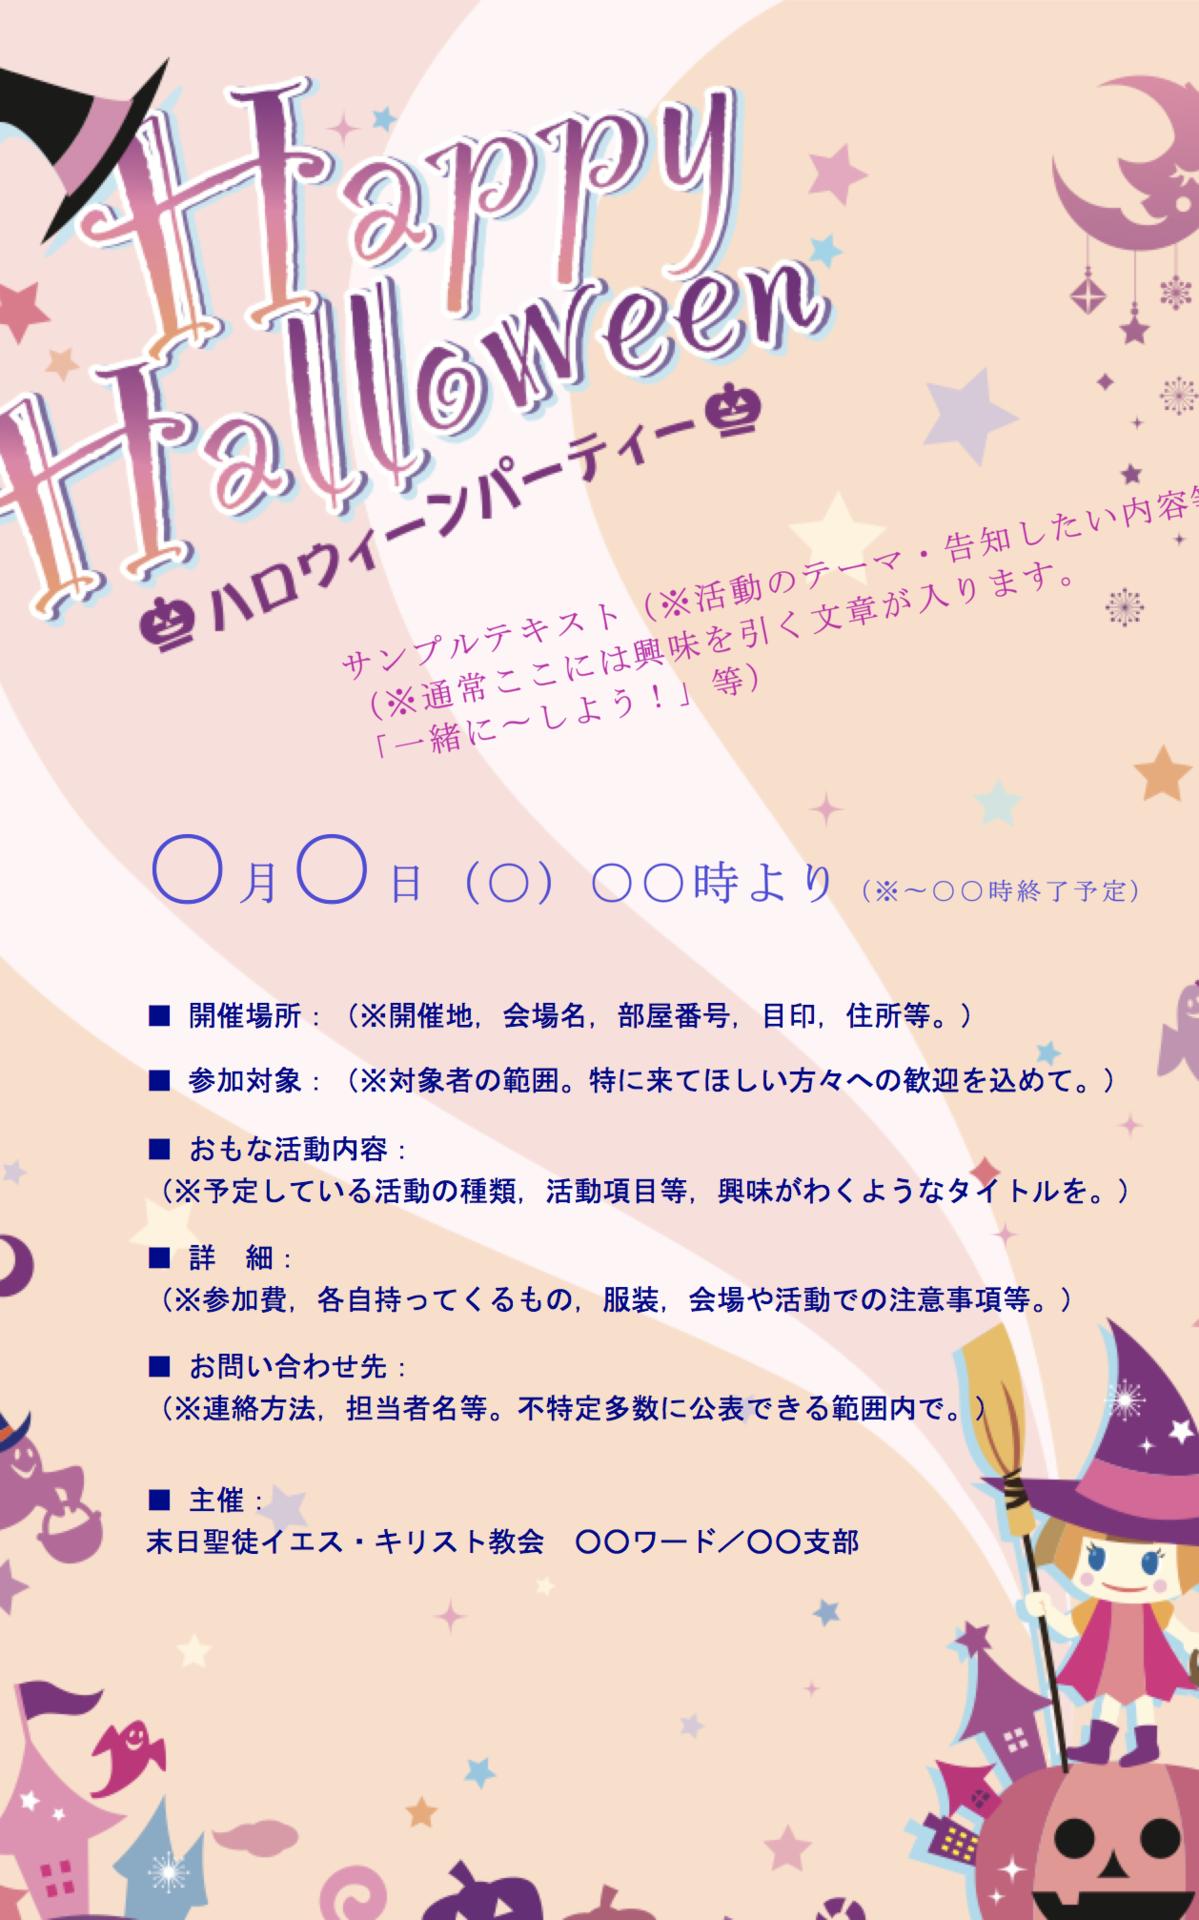 ハロウィンポスター01